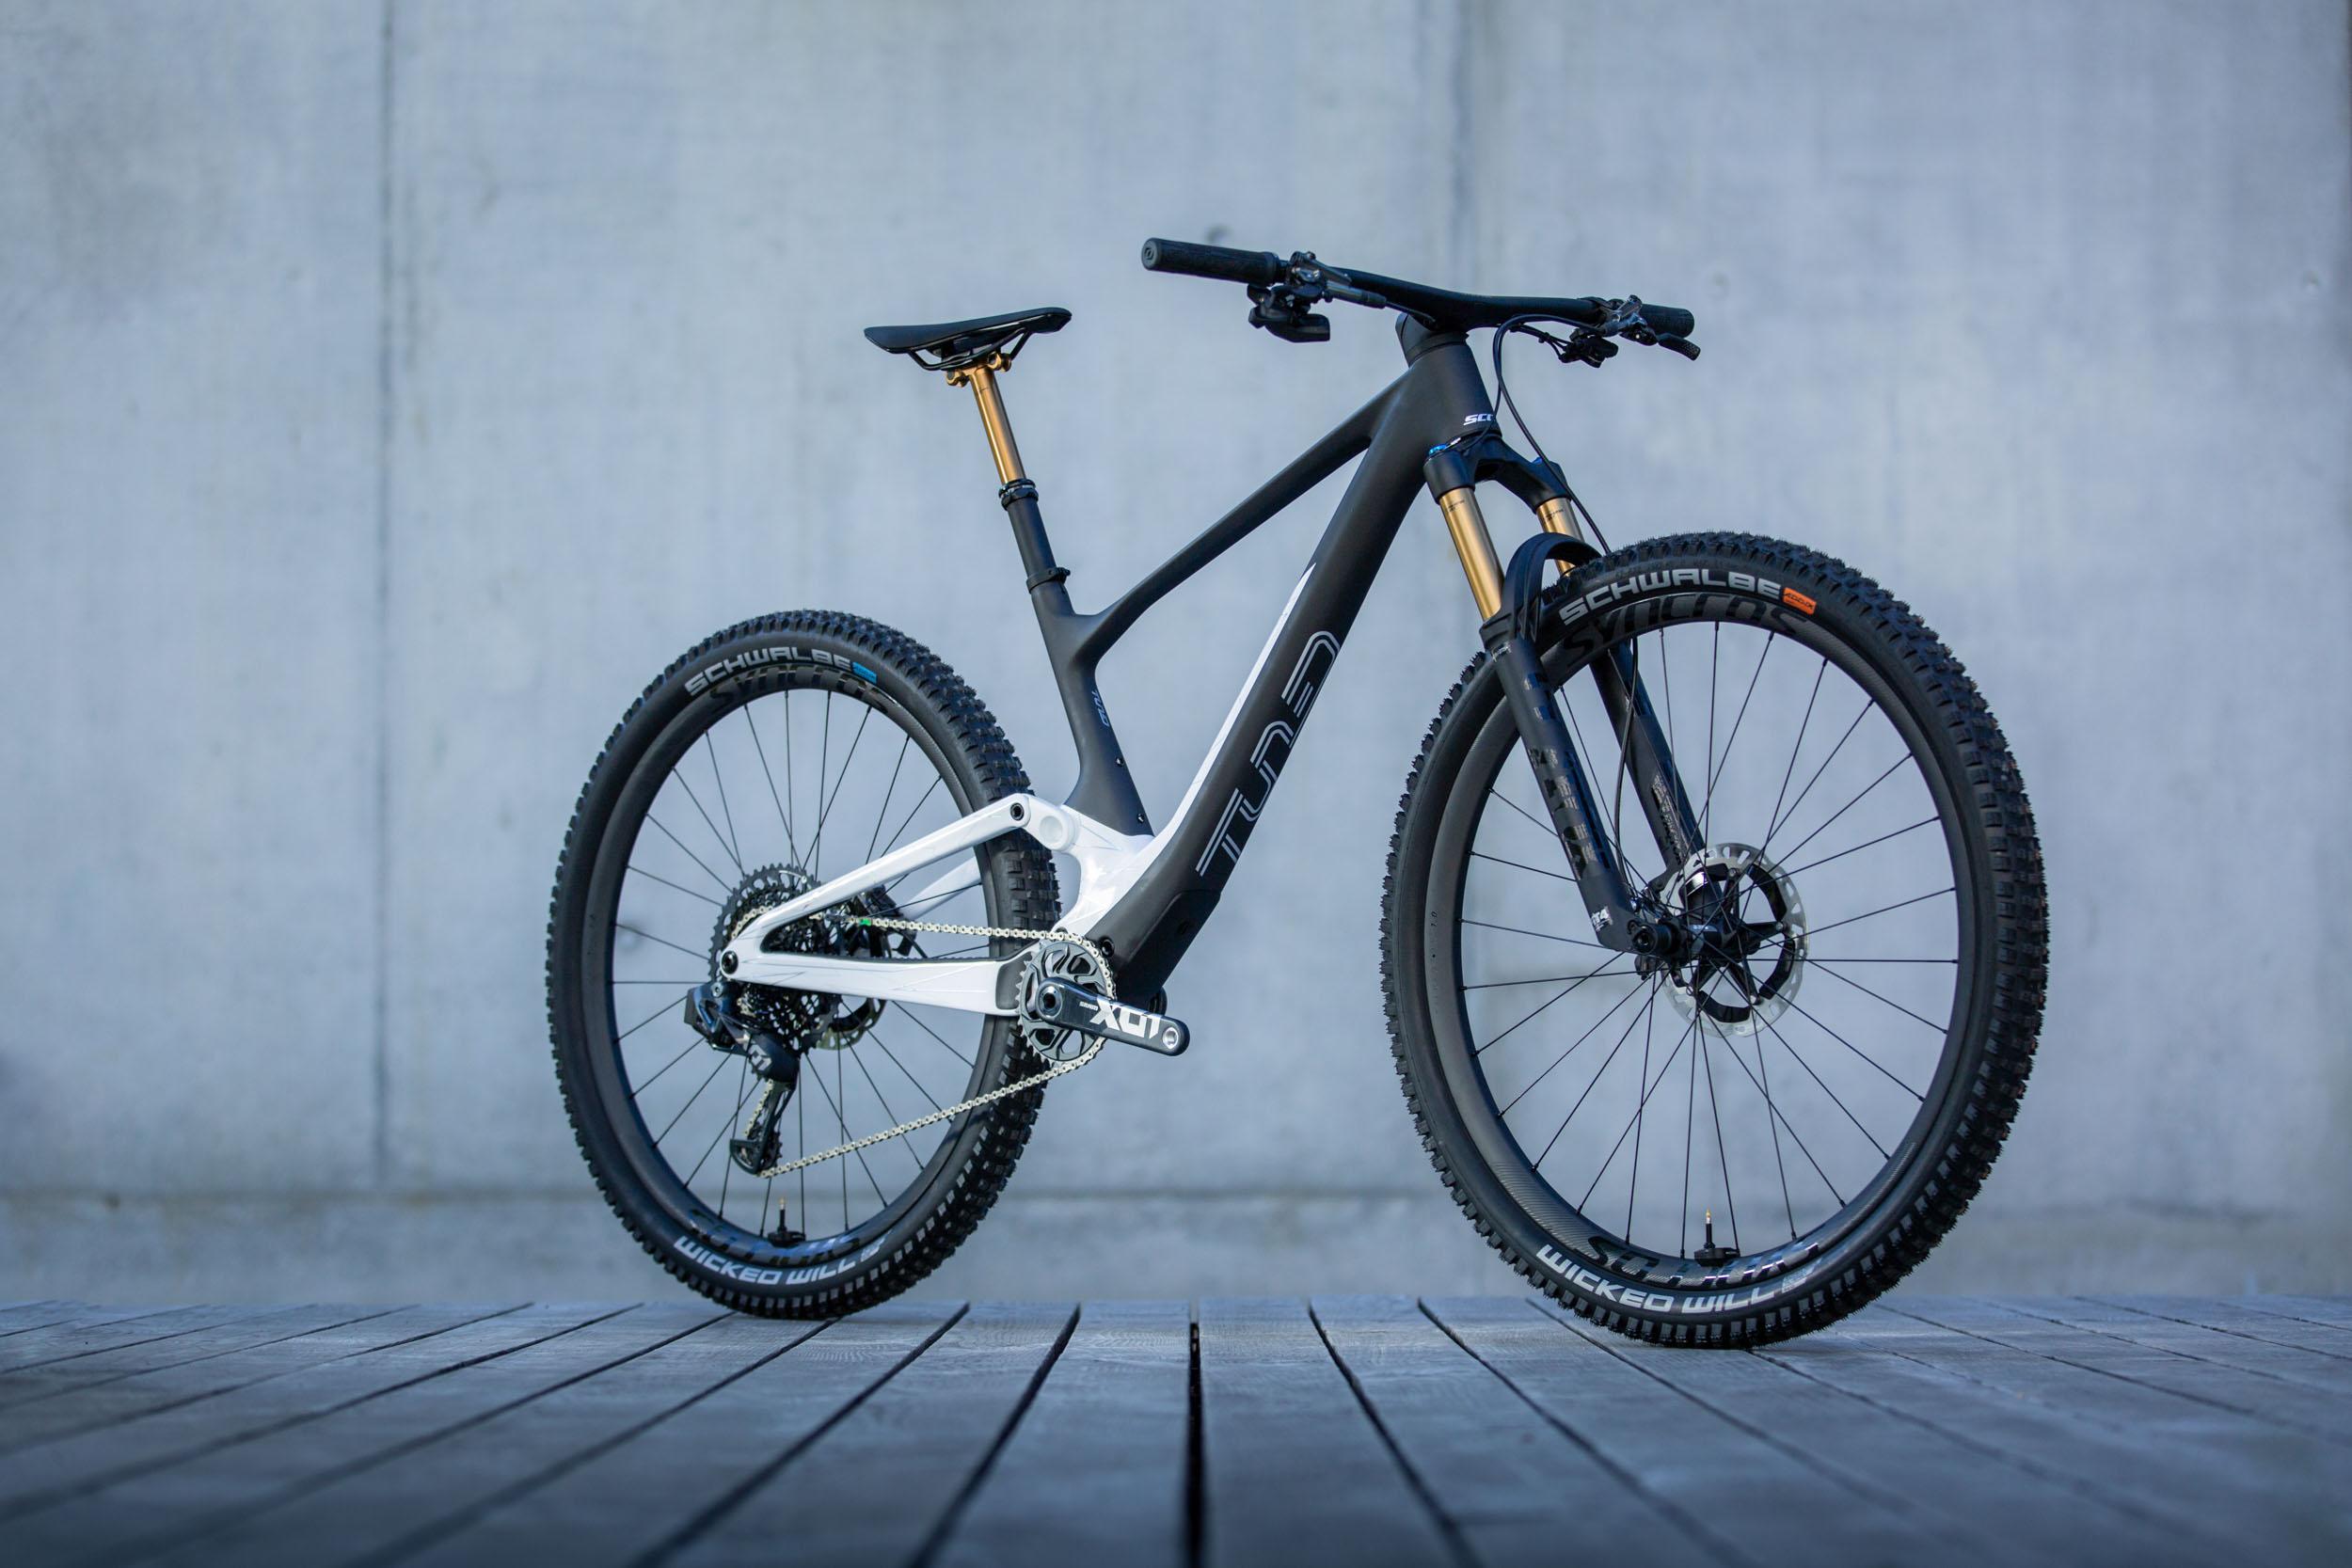 Scott-Spark-2022-gamme-carbone-alu-9647.